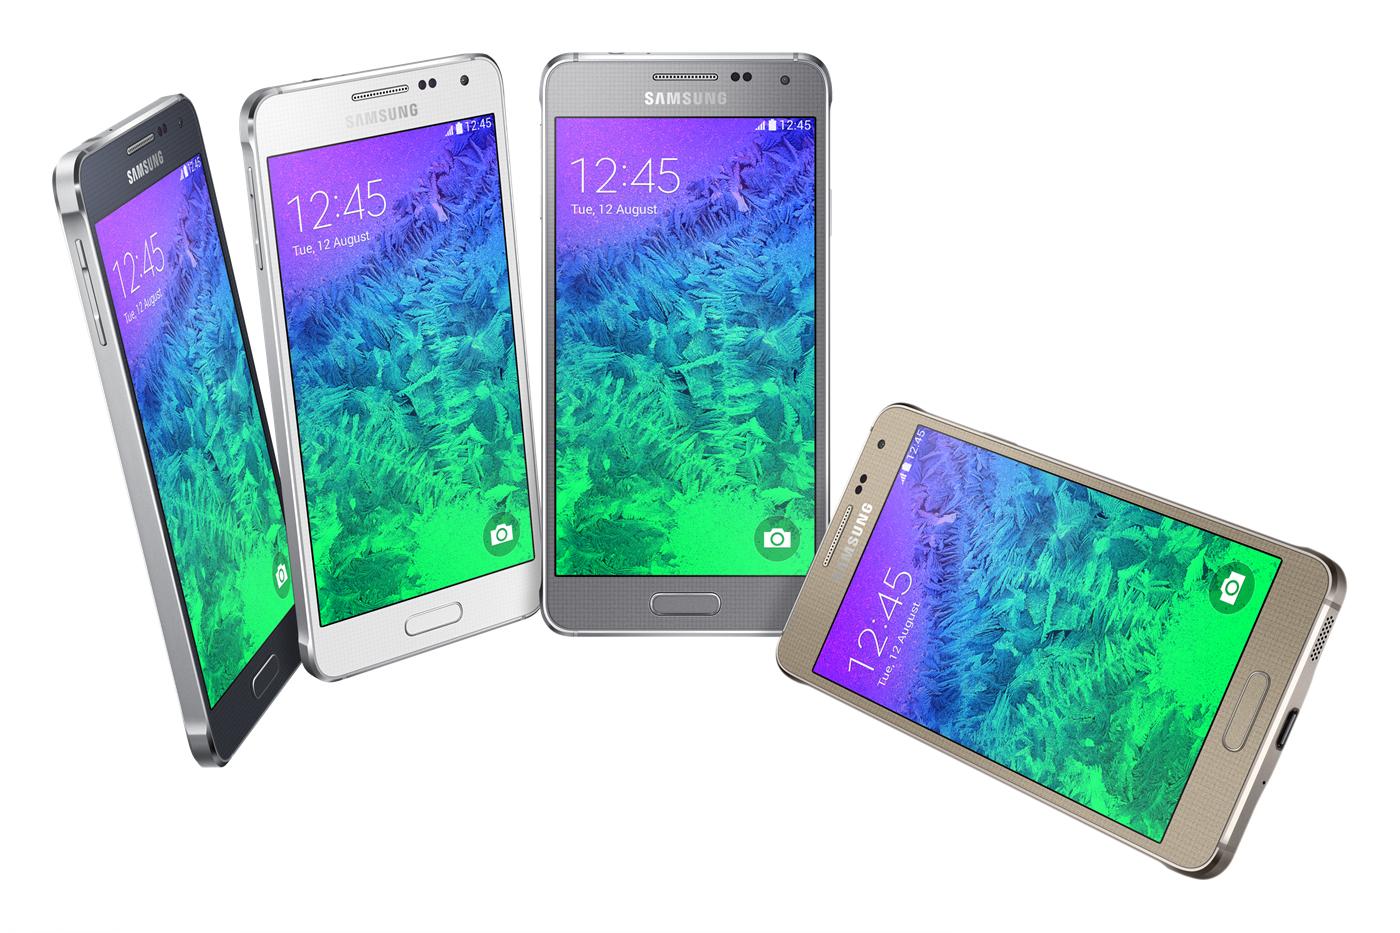 Prix Samsung Galaxy Alpha S5 S Mini Les Trouver Moins Cher En Ce 03 Oc...